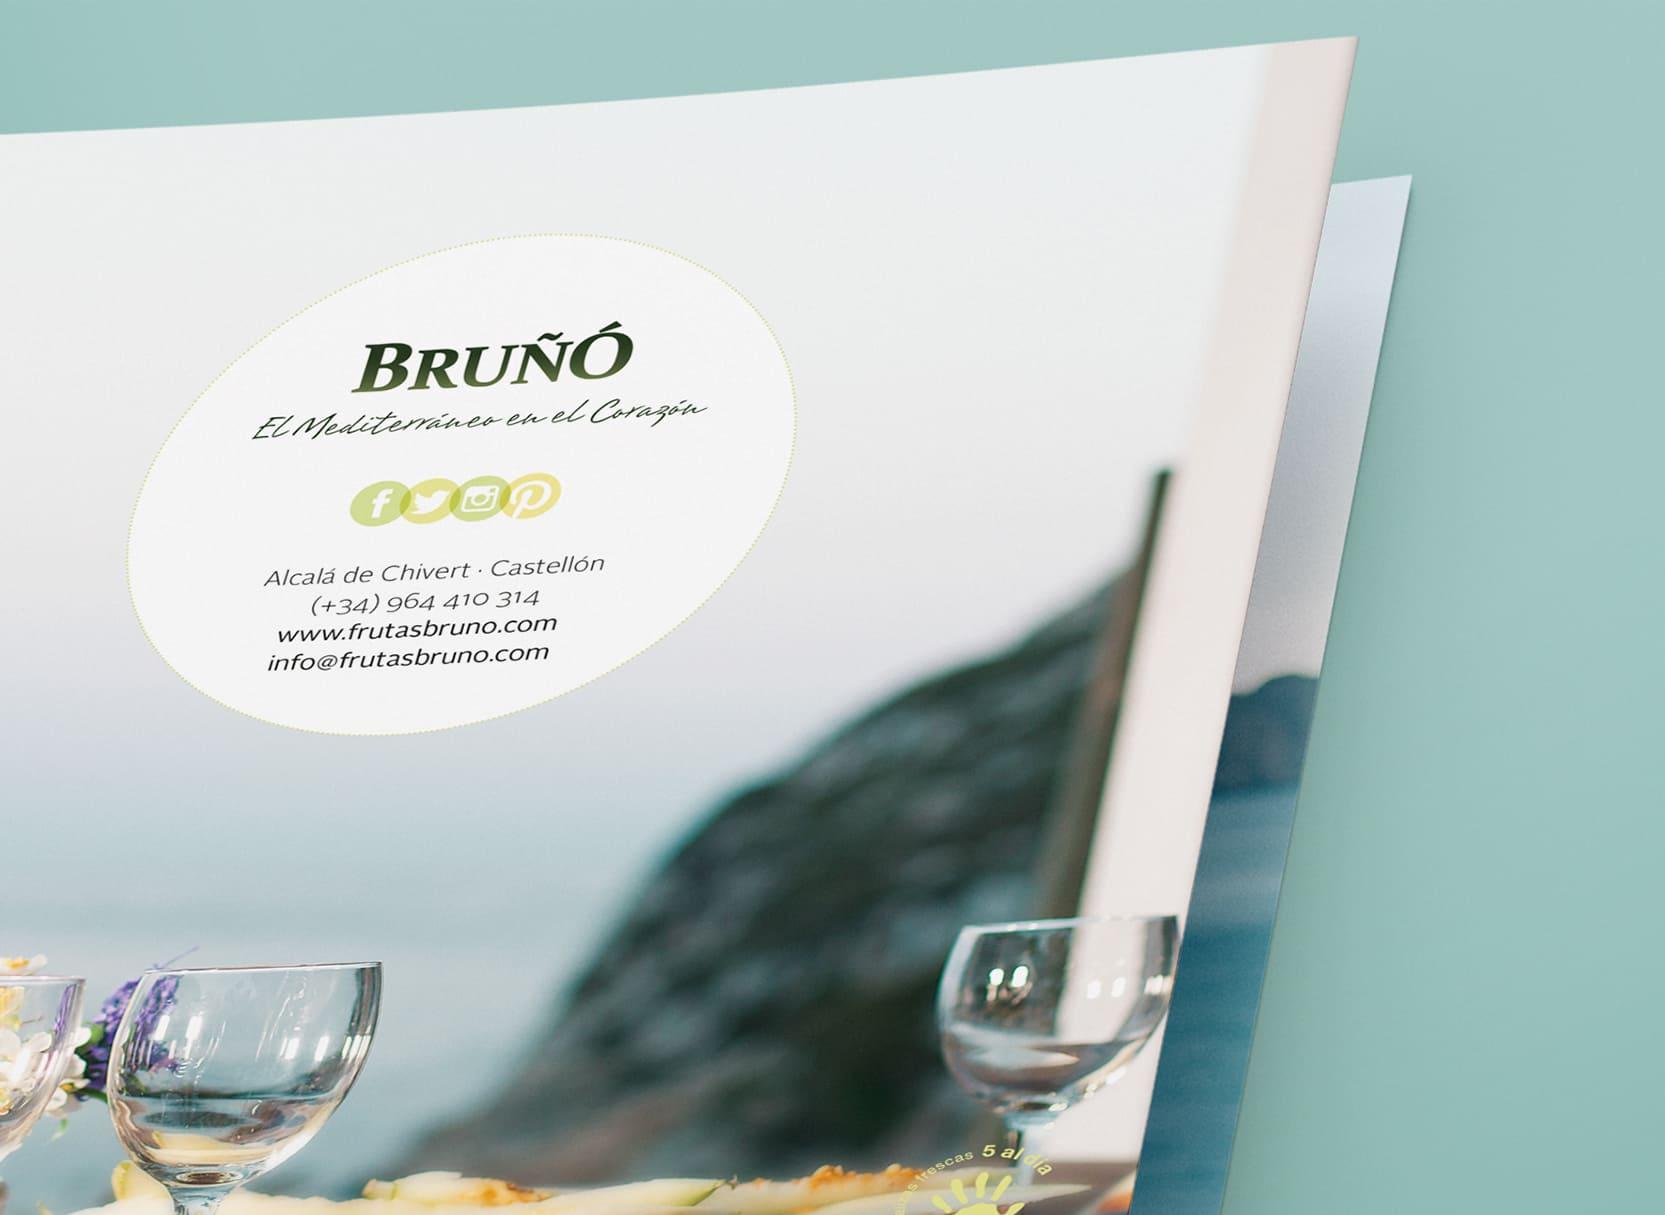 bruño-interior02.jpg